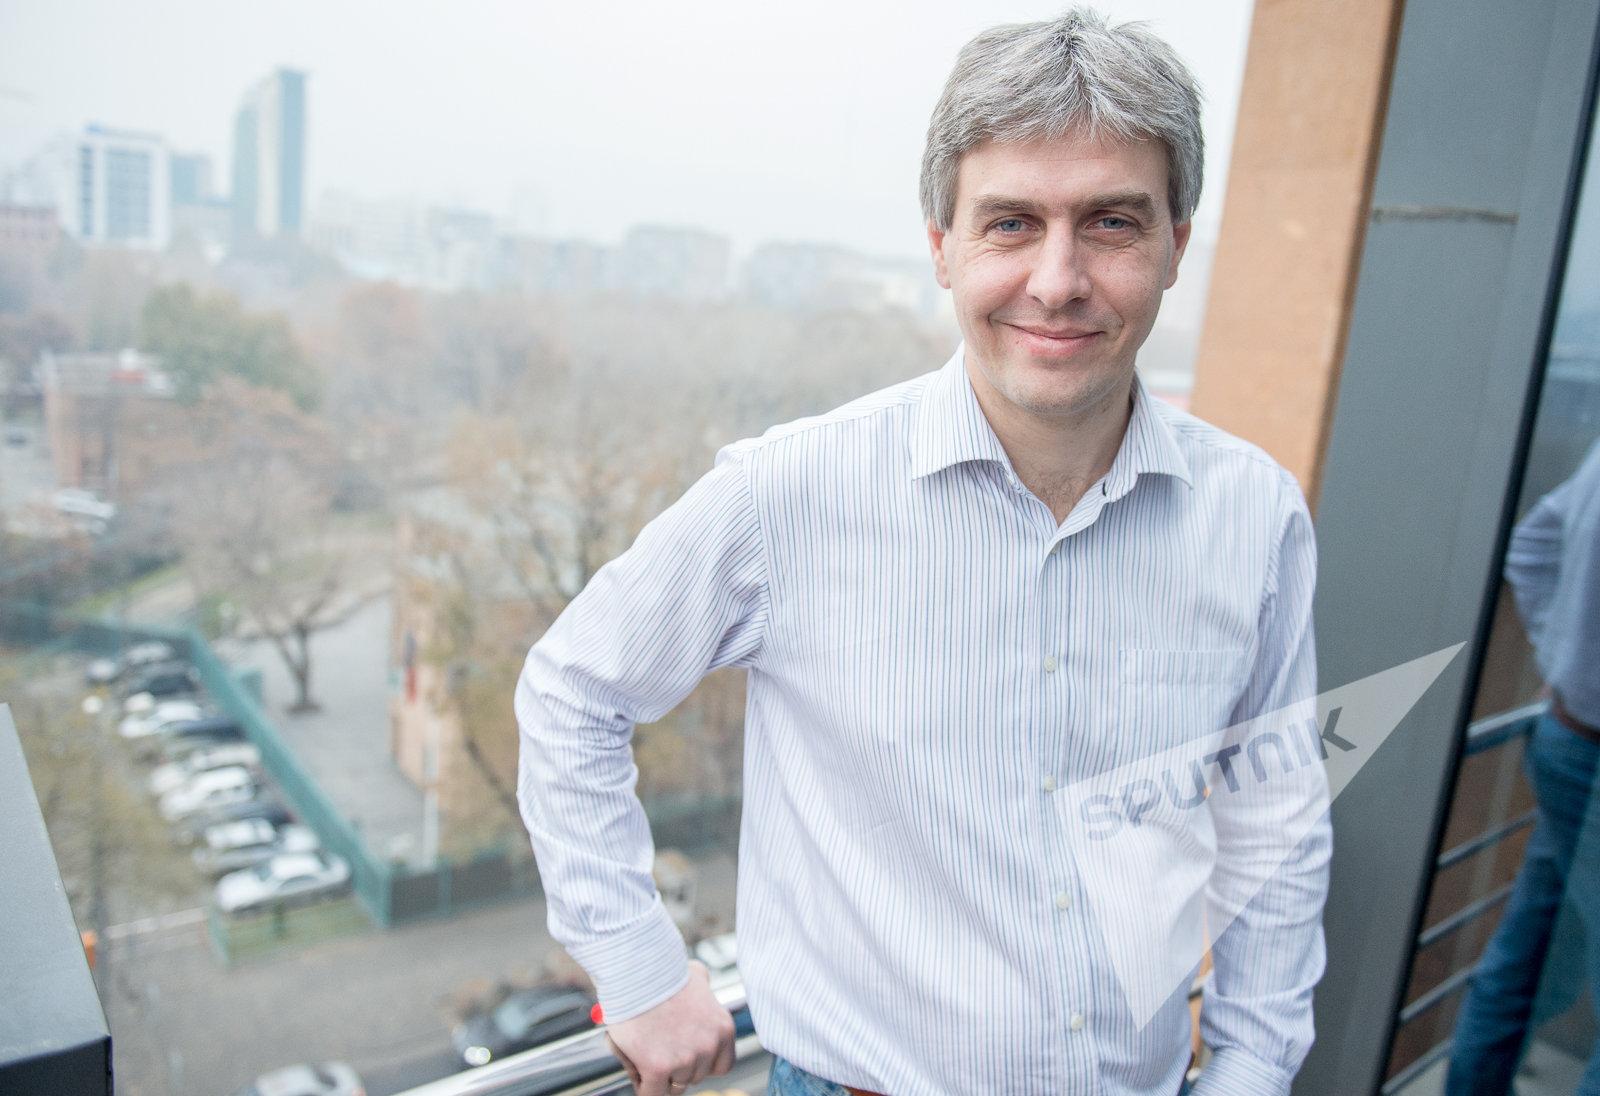 Руководитель группы геоинформационного контента Яндекс.карты Николай Калашников